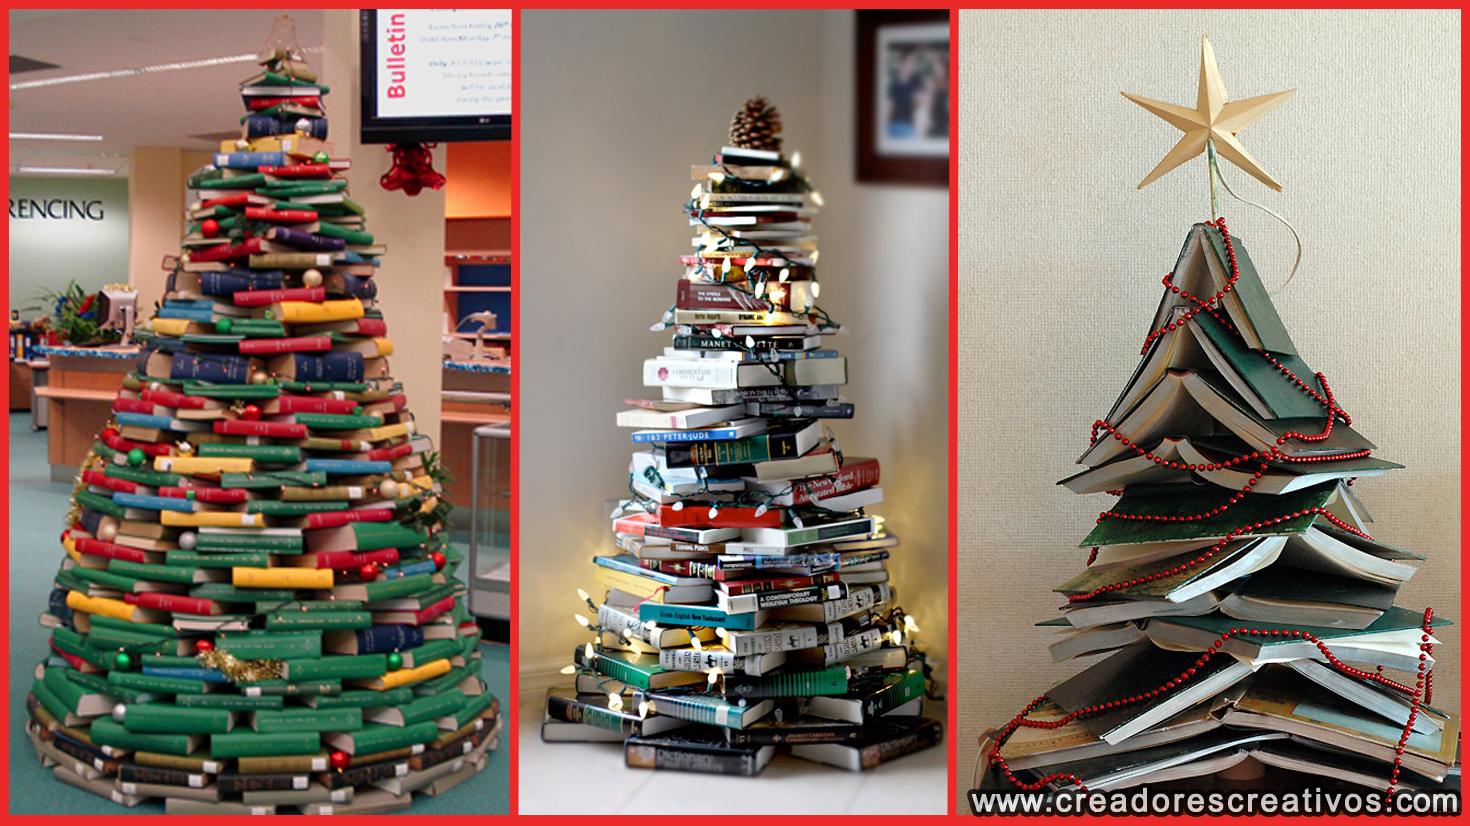 Arboles de navidad creativos creadores creativos - Arbol de navidad con libros ...